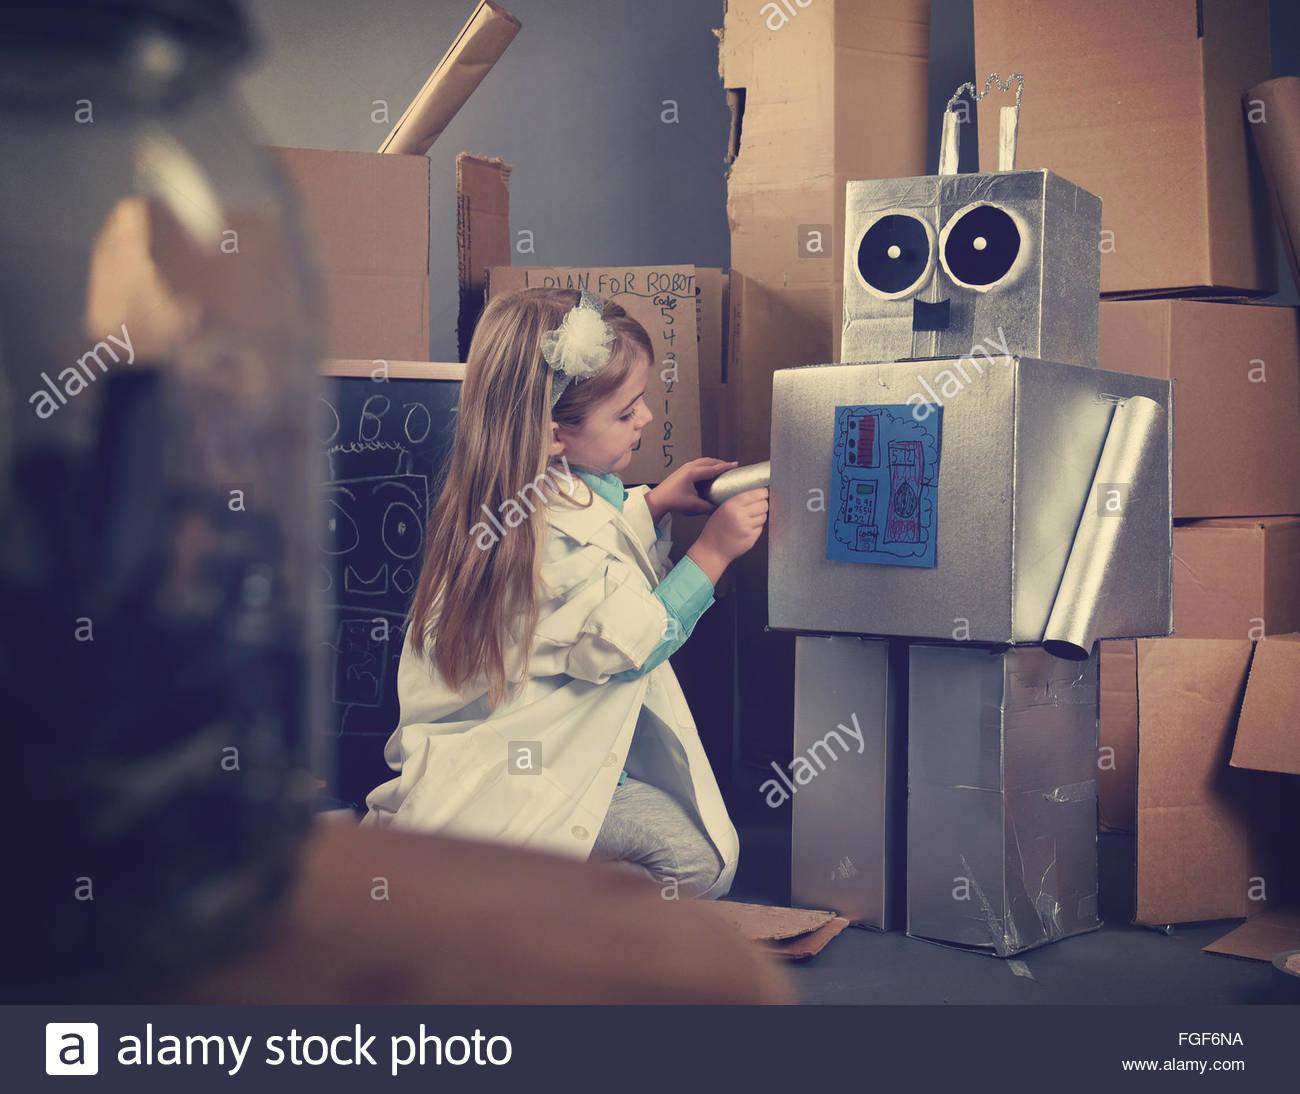 Un estudiante de ciencia es inventar un robot de metal fuera de cajas de cartón con herramientas. Utilizarlo Imagen De Stock